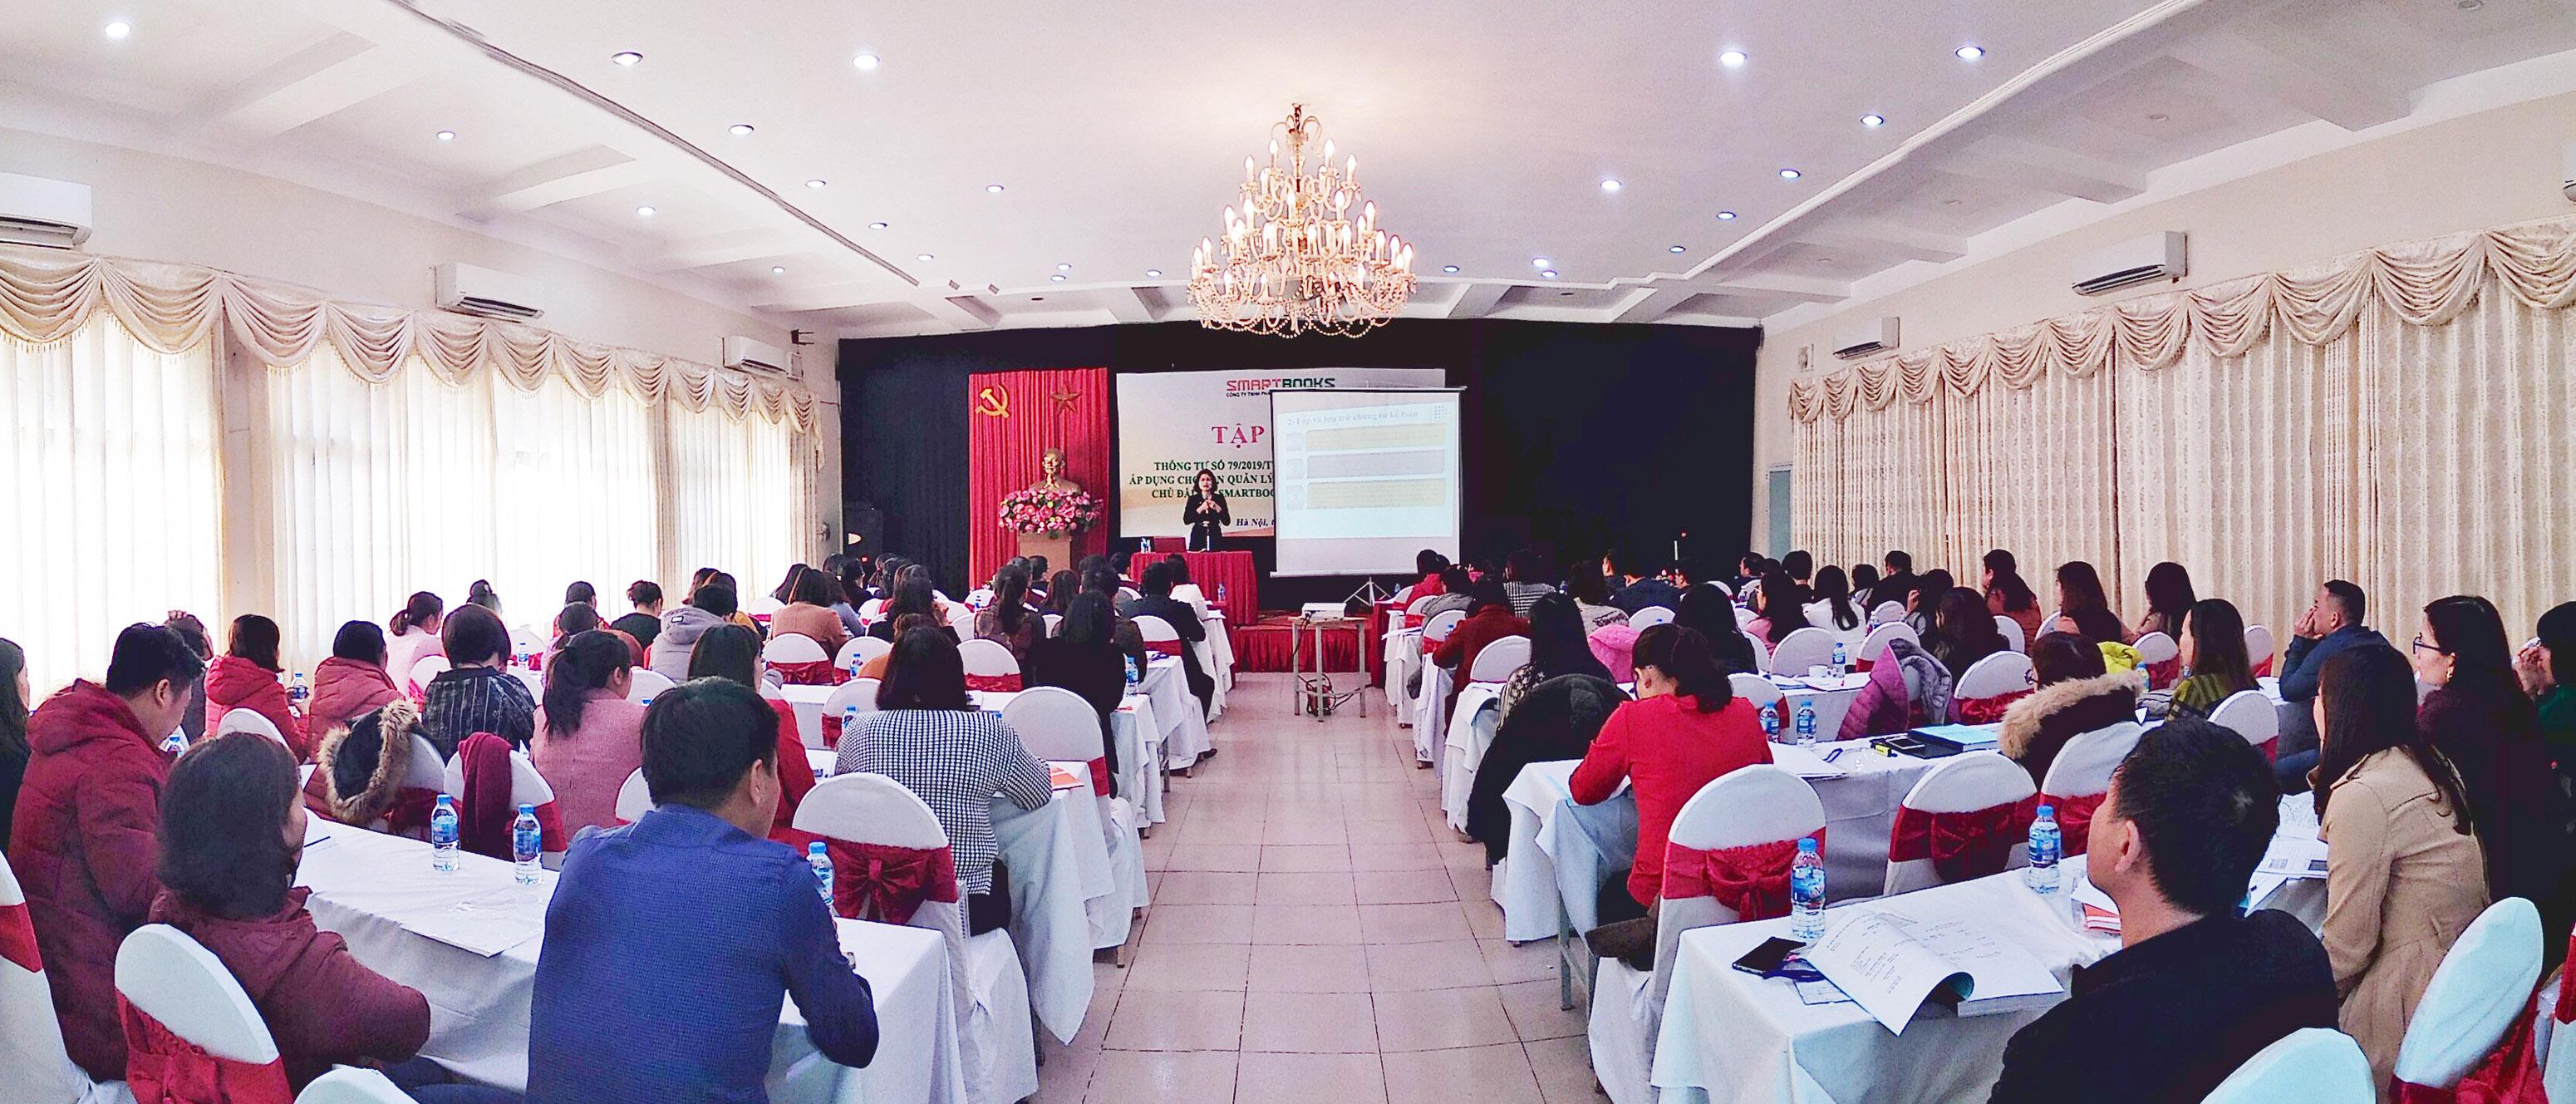 TẬP HUẤN THÔNG TƯ SỐ 79/2019/TT-BTC VỀ CHẾ ĐỘ KẾ TOÁN ÁP DỤNG CHO BAN QLDA